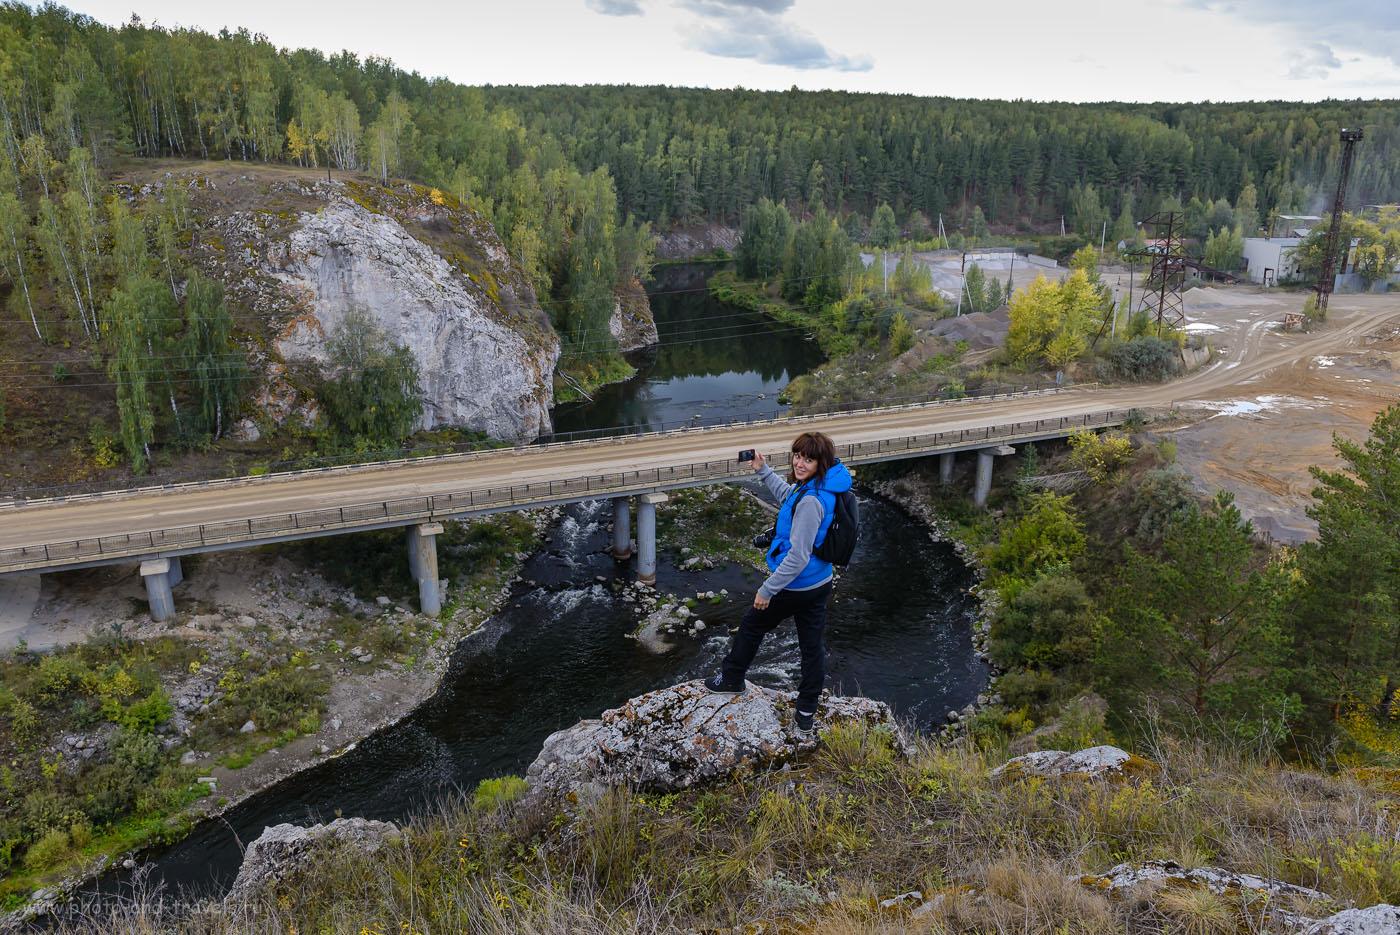 Изображение 9. С таким чехлом можно не только летать, но и успешно снимать селфи, стоя на краю скалы.